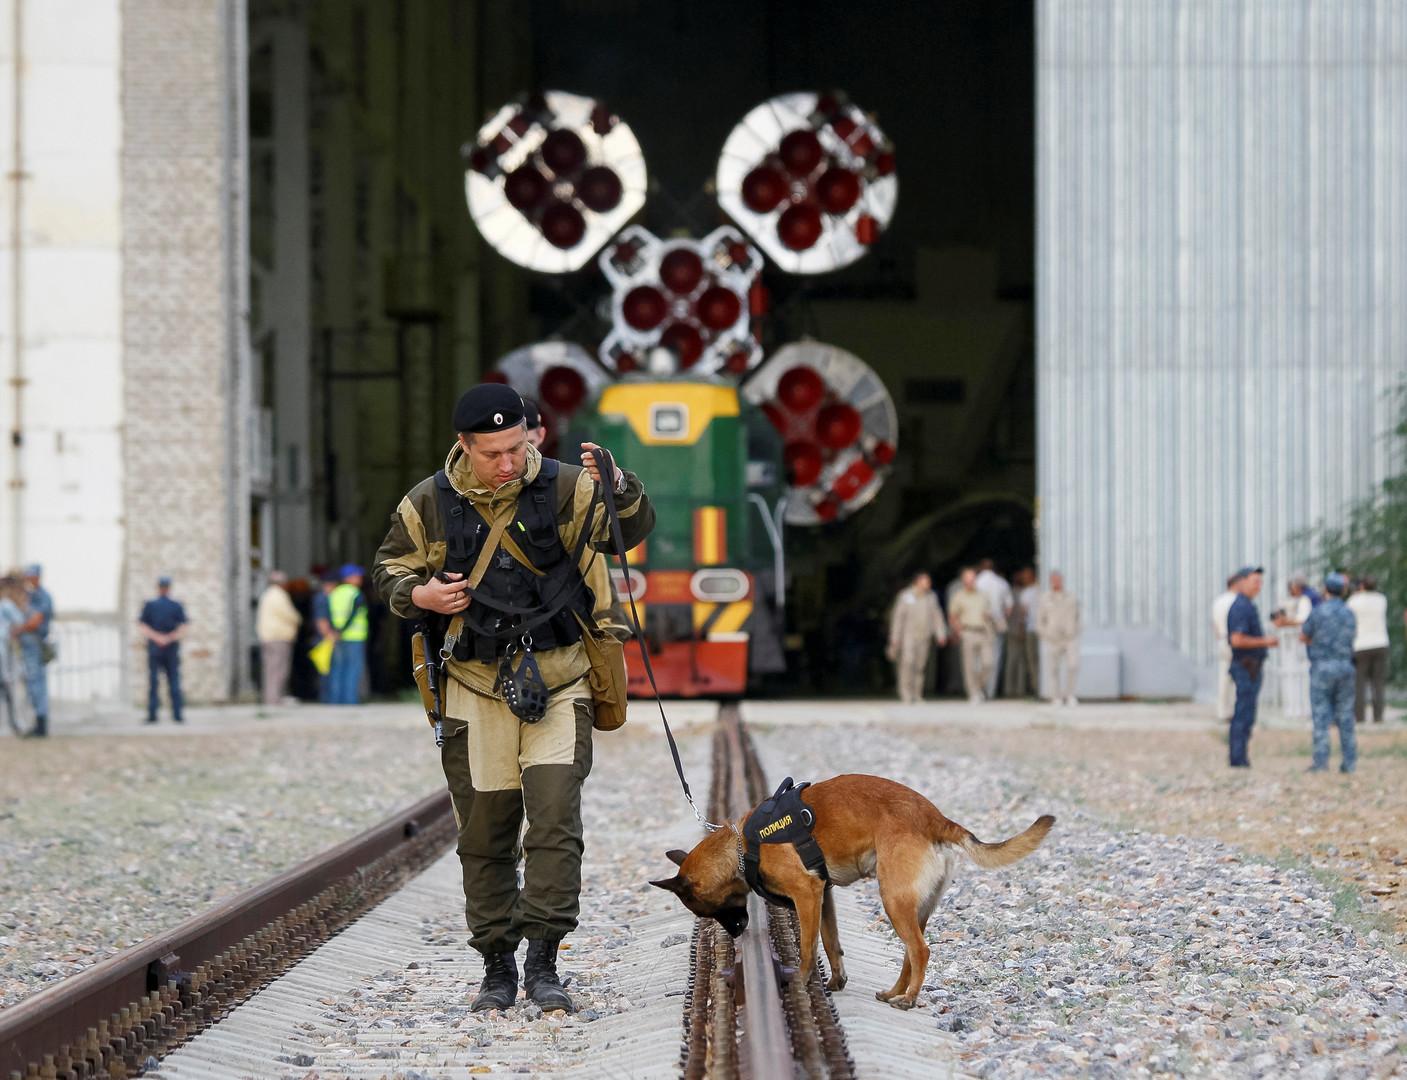 Сотрудник полиции со служебной собакой проверяет железную дорогу на космодроме Байконур в Казахстане